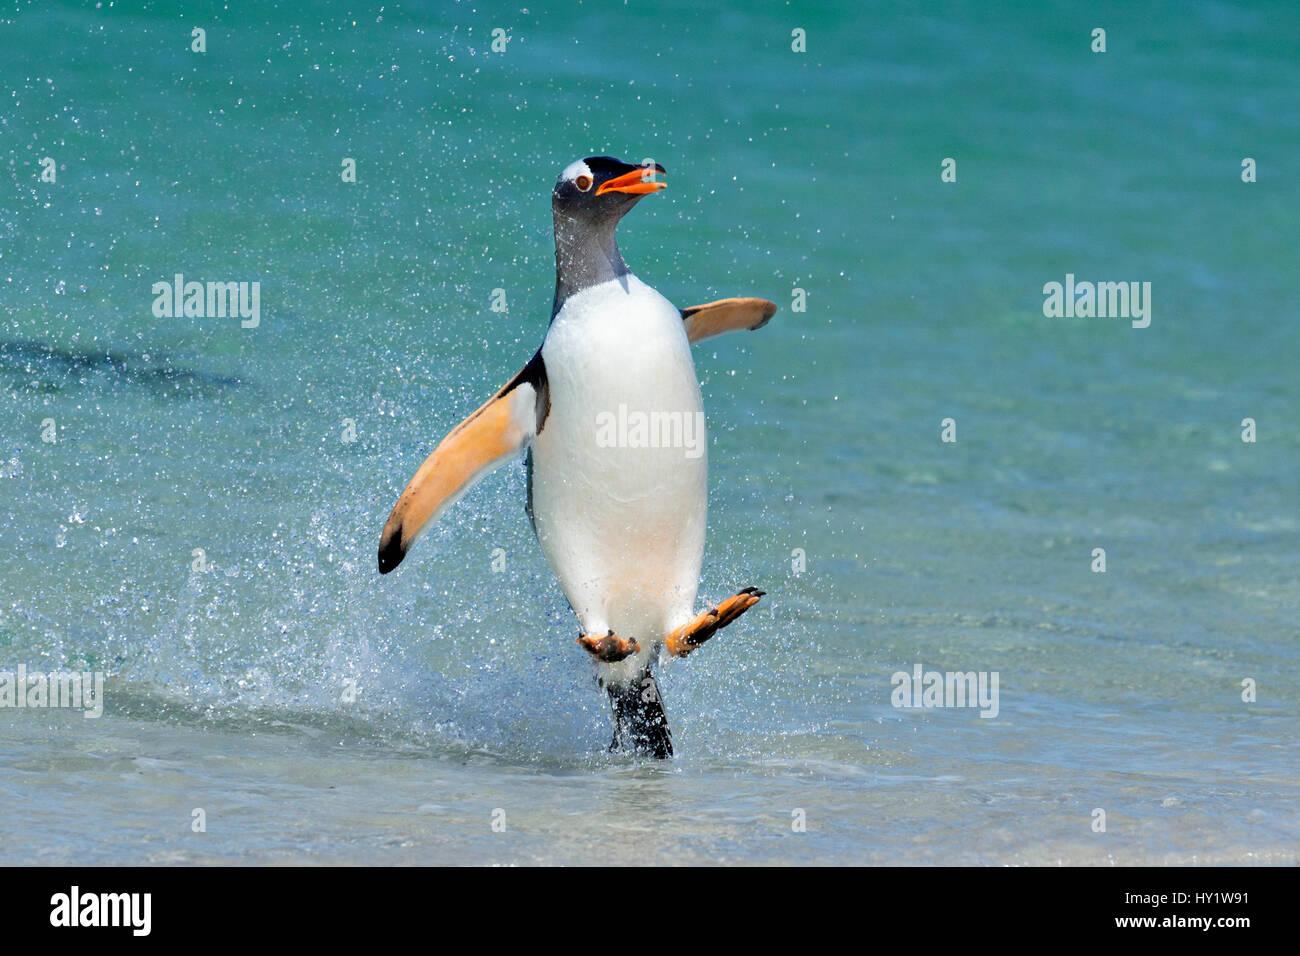 Pinguino Gentoo (Pygoscelis papua) salta sulla spiaggia, Isola di carcassa, Isole Falkland. Immagini Stock